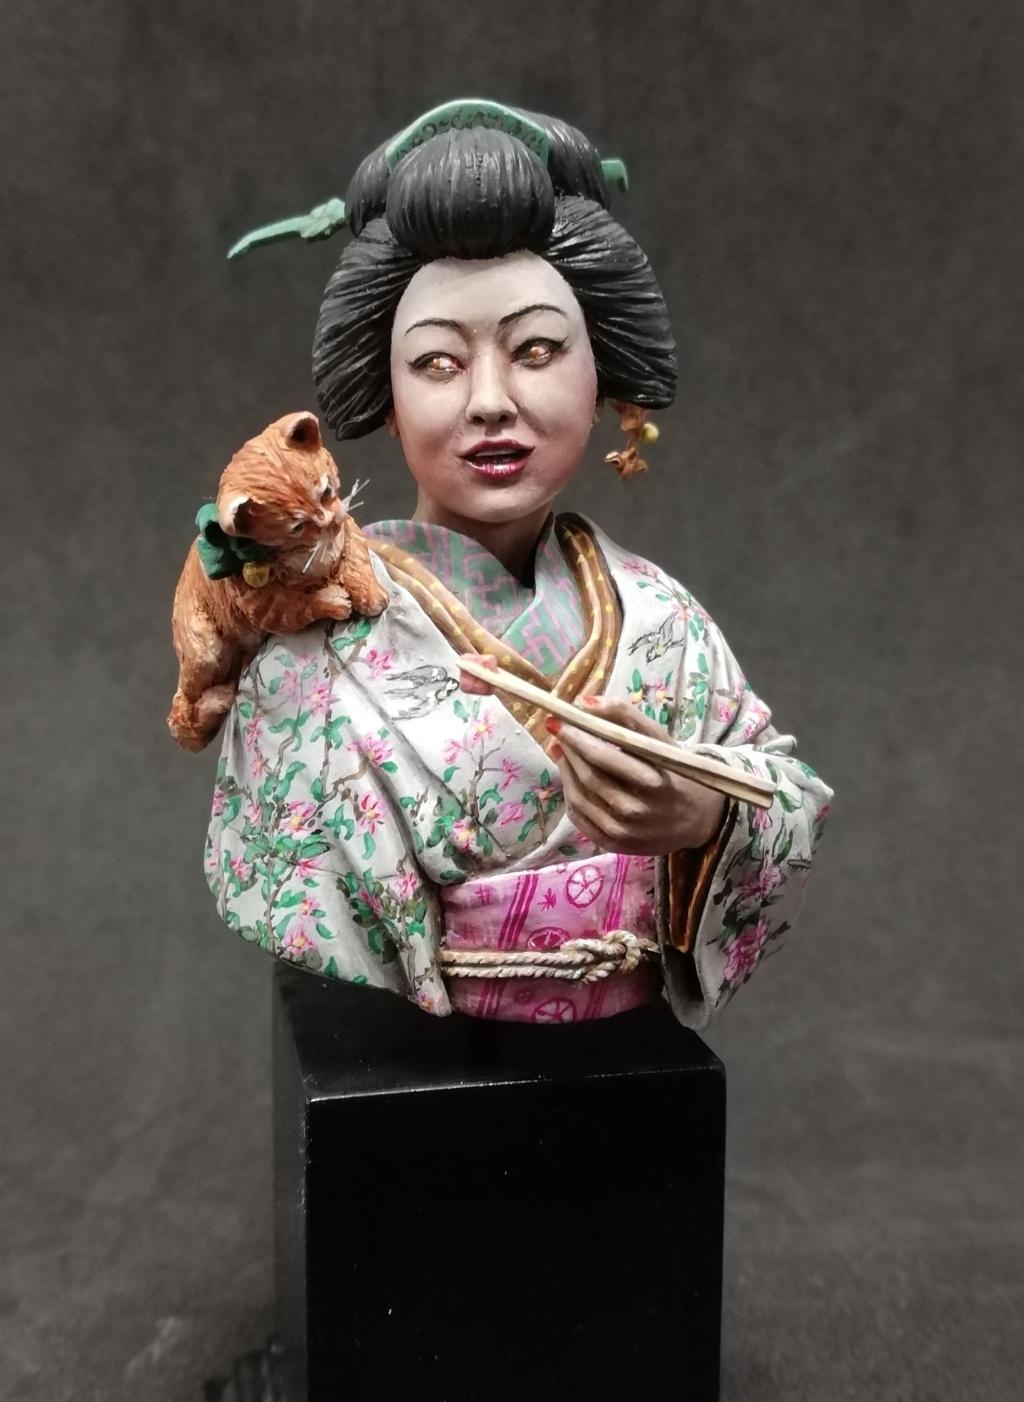 Buste de Geisha terminée - Dernières photos - Page 2 Geisha35